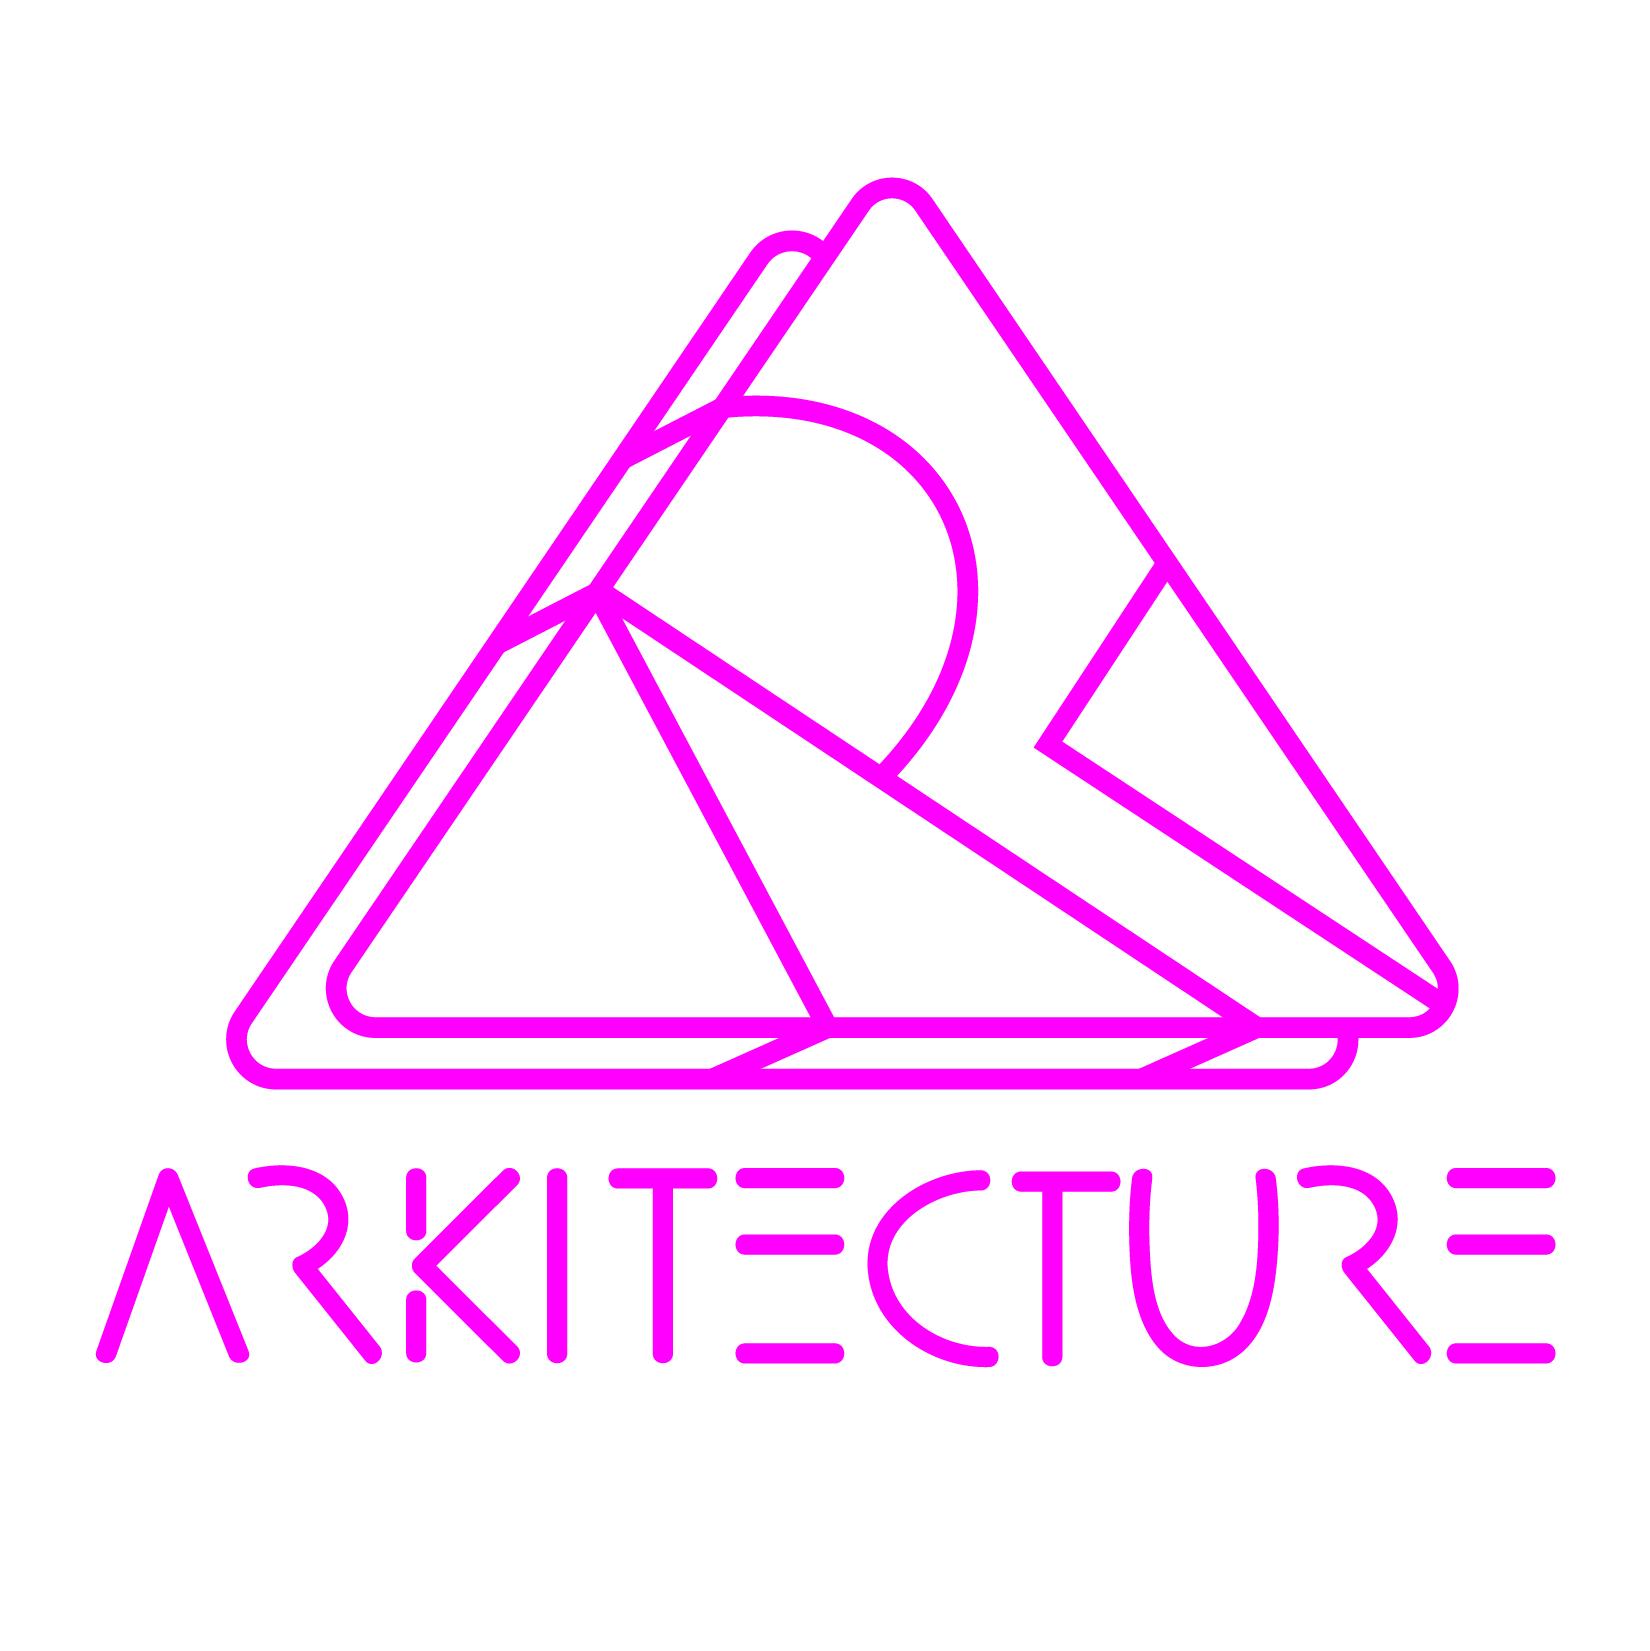 ArkitectureLogo-Pink on white-Square-large.jpg